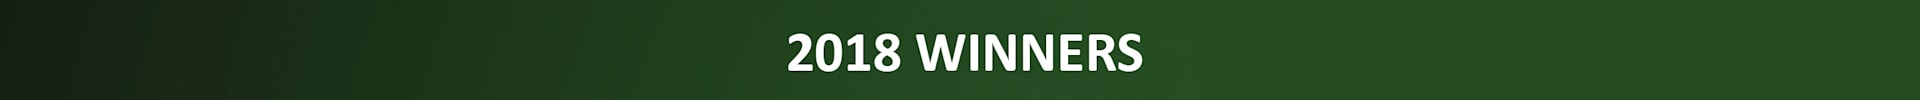 2018winners_fullwidth2